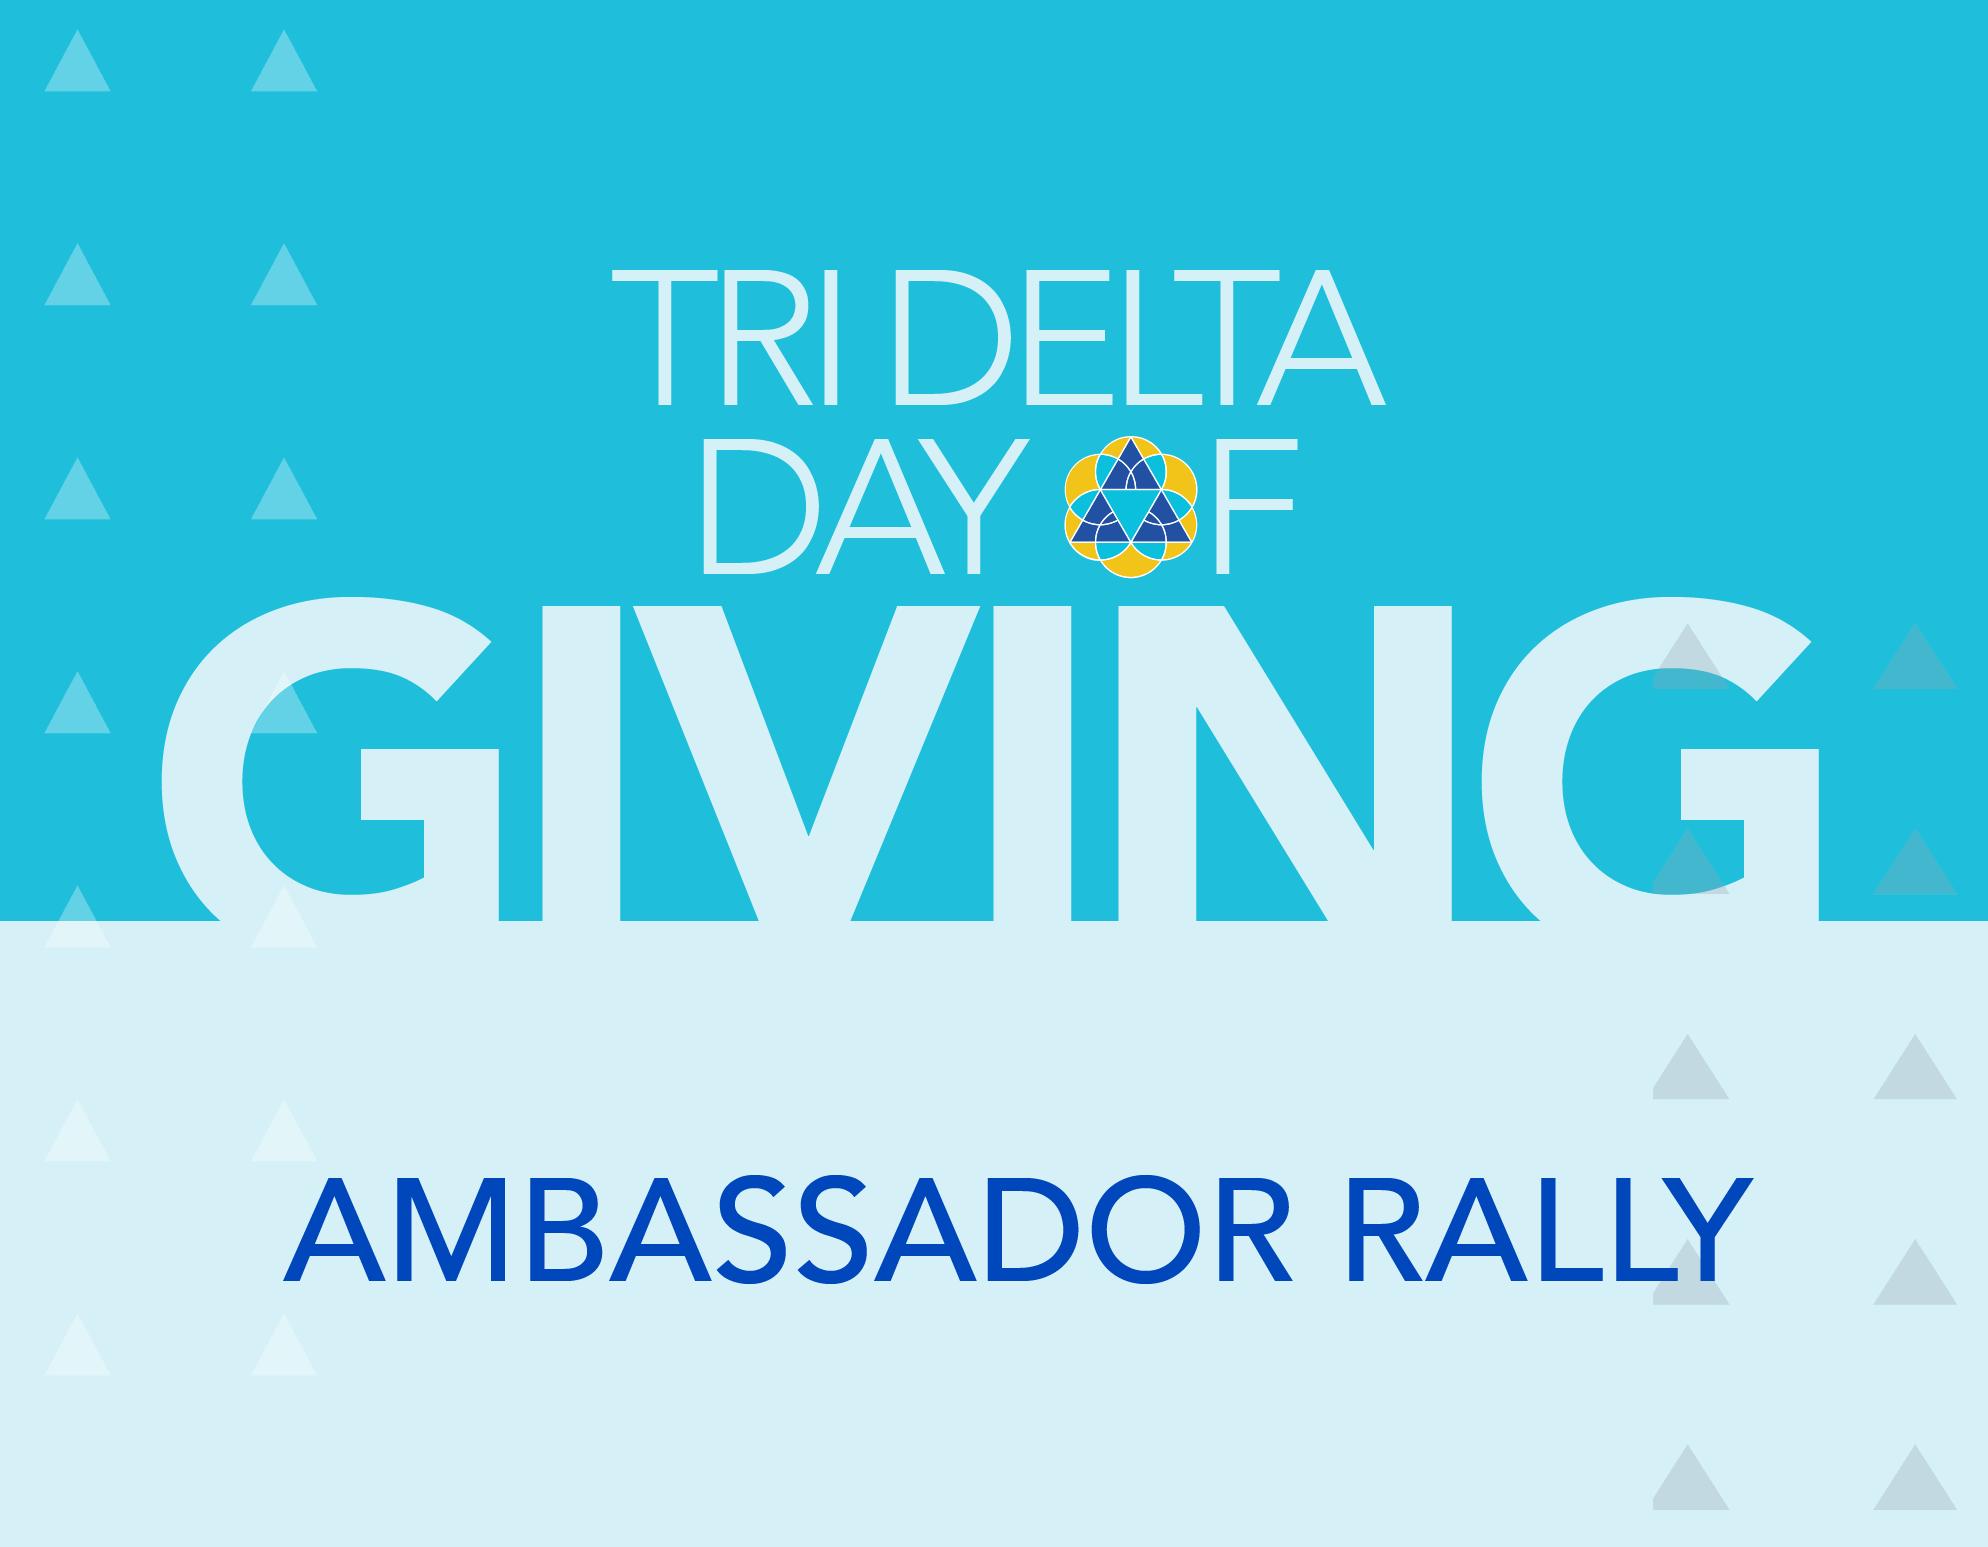 Day of Giving 2021 Ambassador Rally